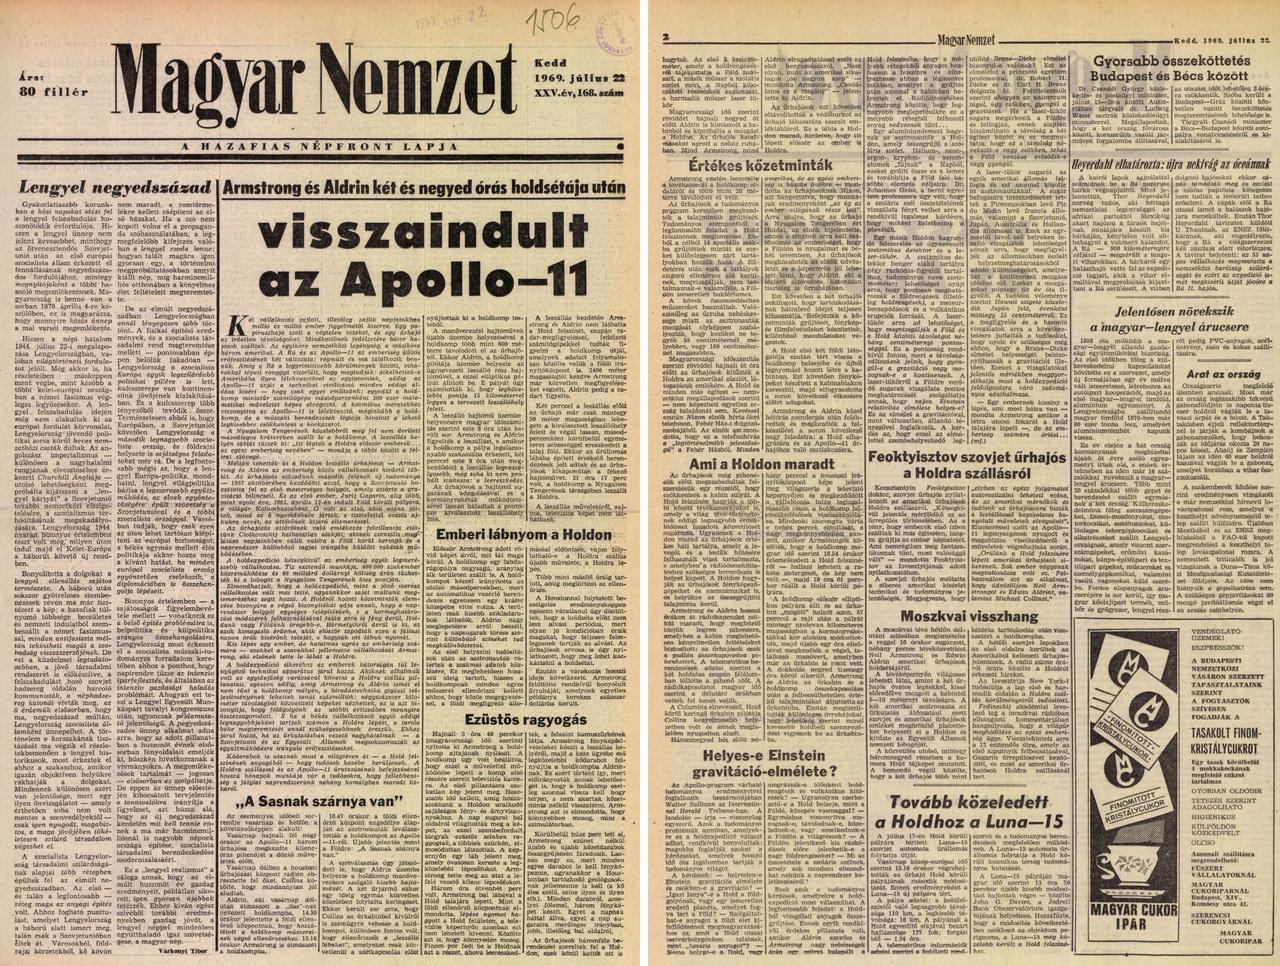 """A Magyar Nemzet (a Hazafias Népfront lapja) is csak július 22-én, kedden tudott beszámolni olvasóinak a történtekről, igaz nem is spóroltak a papírral, két oldalon vették sorra a szerkesztők, hogy mi minden történt a történelmi Apollo-küldetés csúcspontján. A javarész tárgyilagos összefoglaló kitért Einsten gravitáció-elméletének helyességére, és idézte Konsztantyin Feoktyisztov, szovjet kozmonauta lelkes kommentárját is: """"Kétségkívül jelentős mérföldkő ez az űrrepülés történetében. Az a tény, hogy emberek első ízben szálltak ki más égitesten, lángra gyújtja az ember képzeletét. Ami nemrégiben még fantasztikusnak tűnt, most valósággá vált."""""""